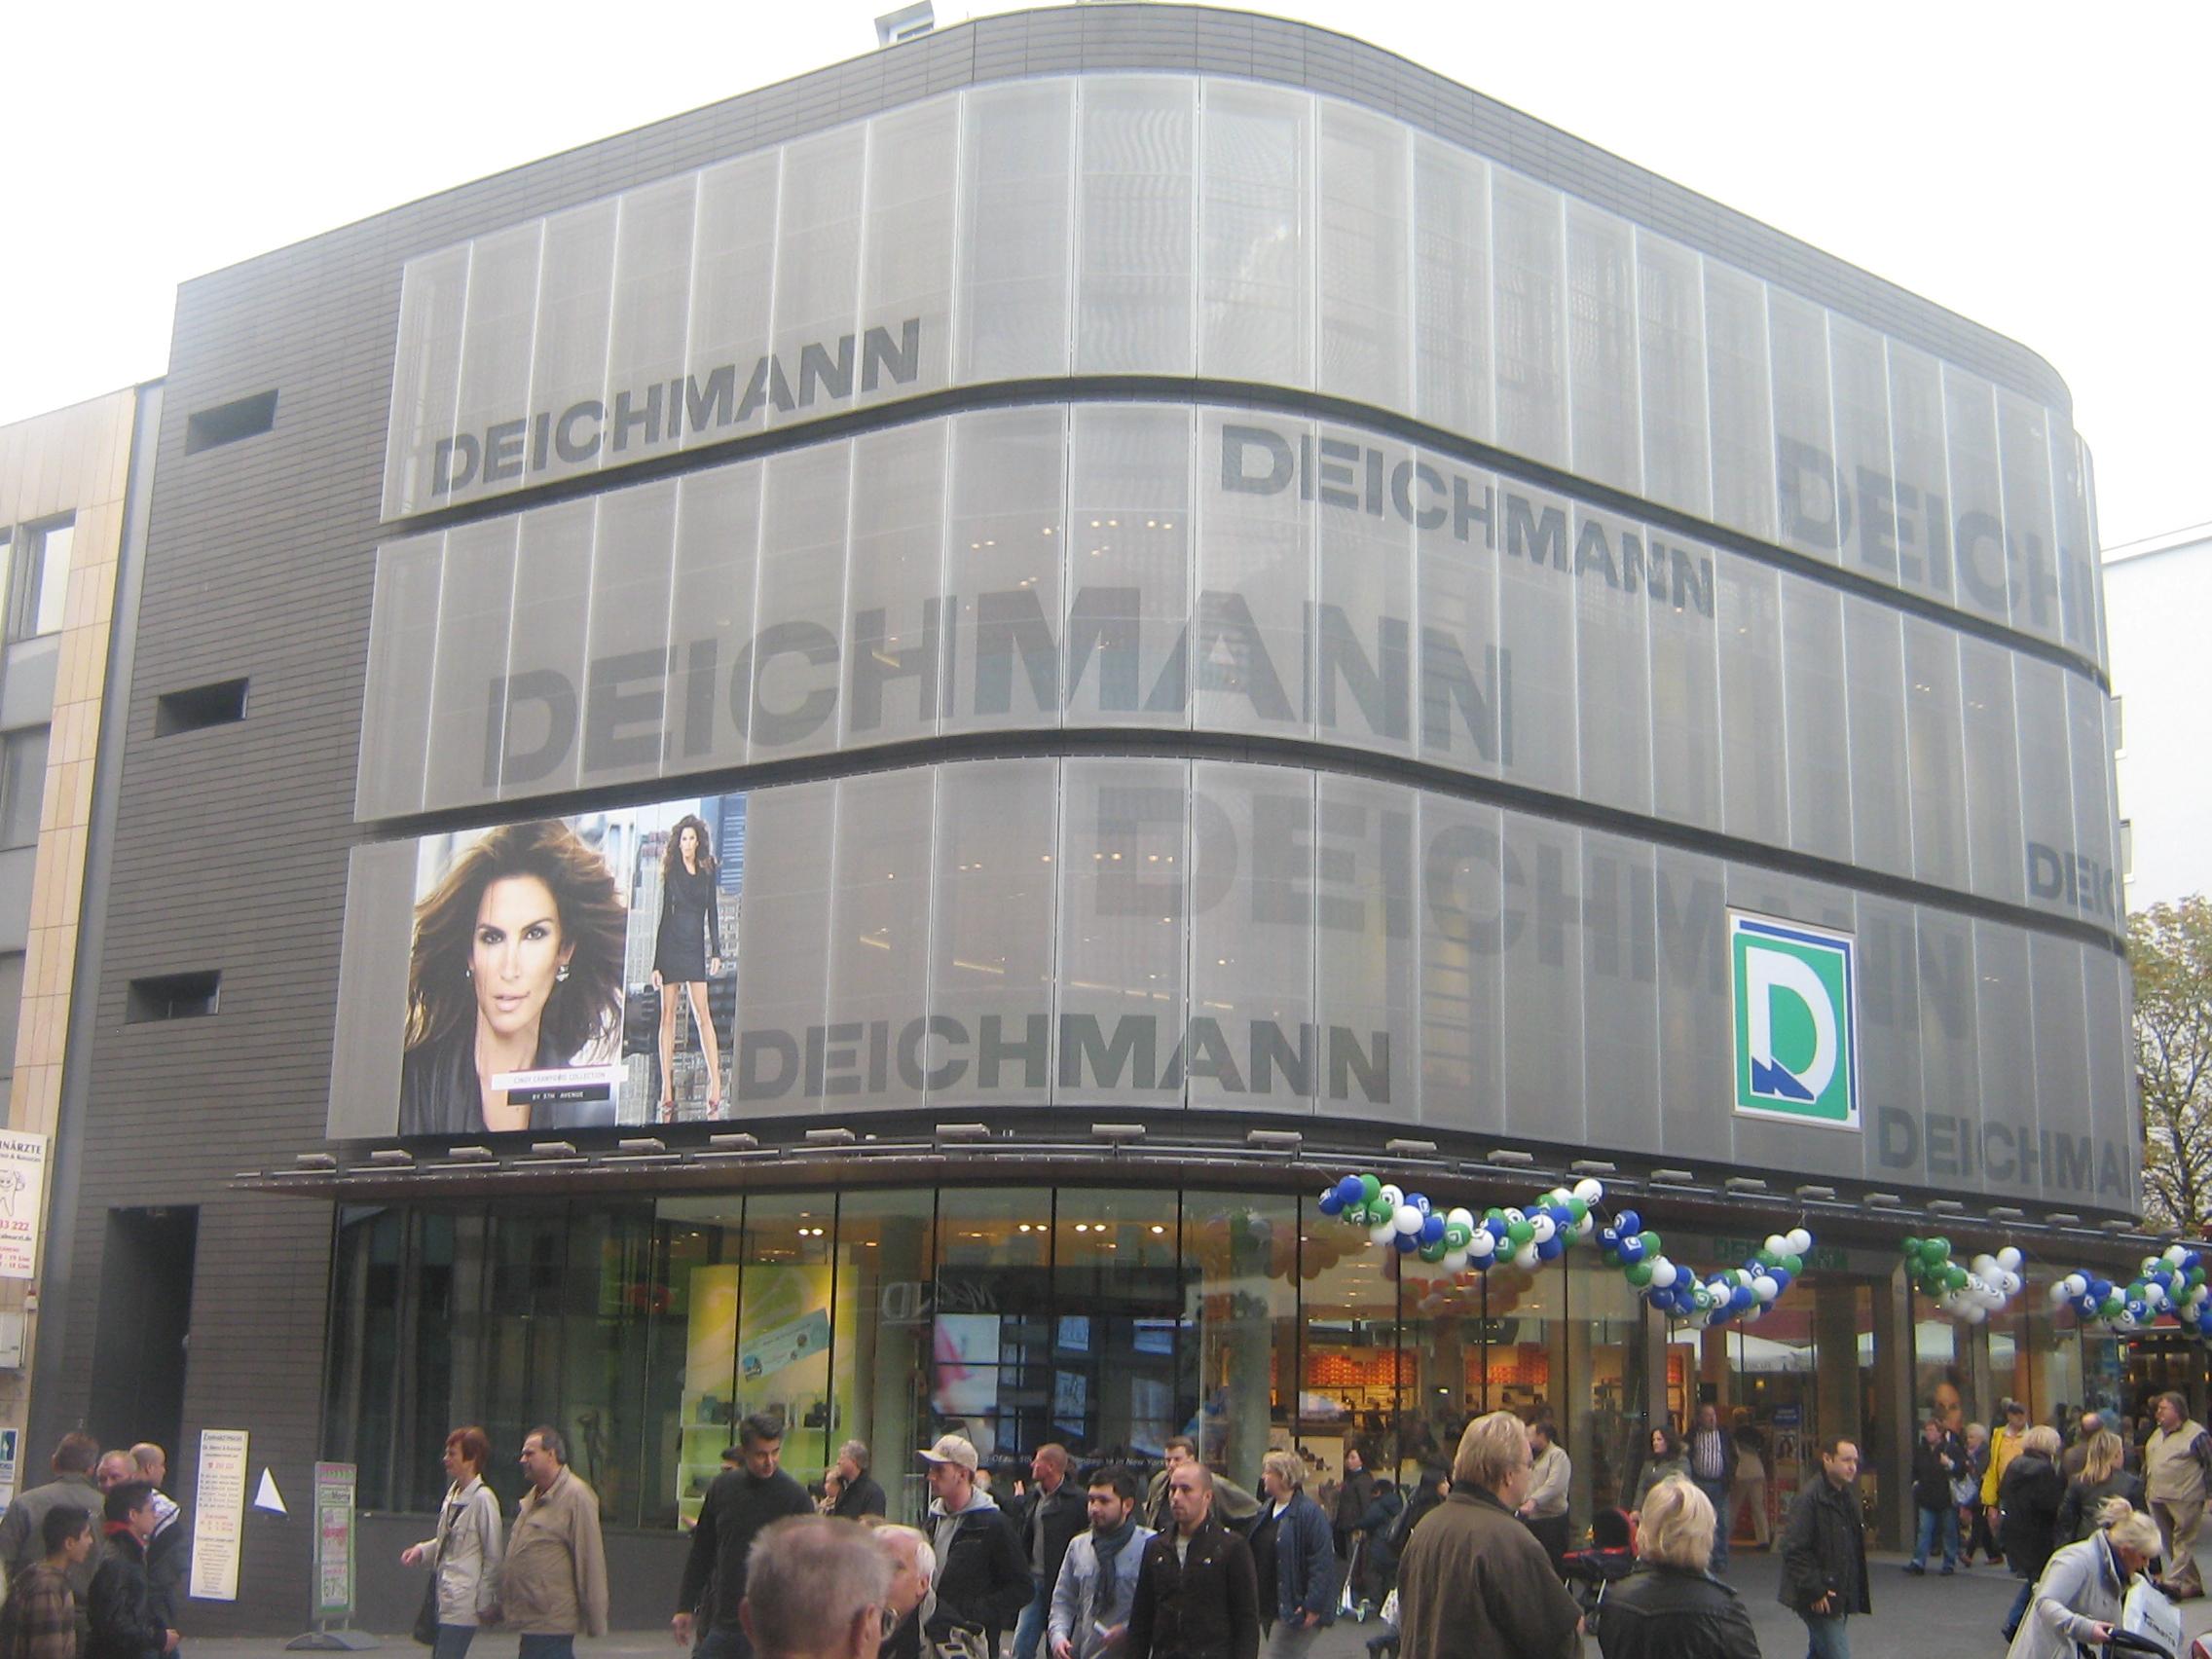 Deichmann Essen